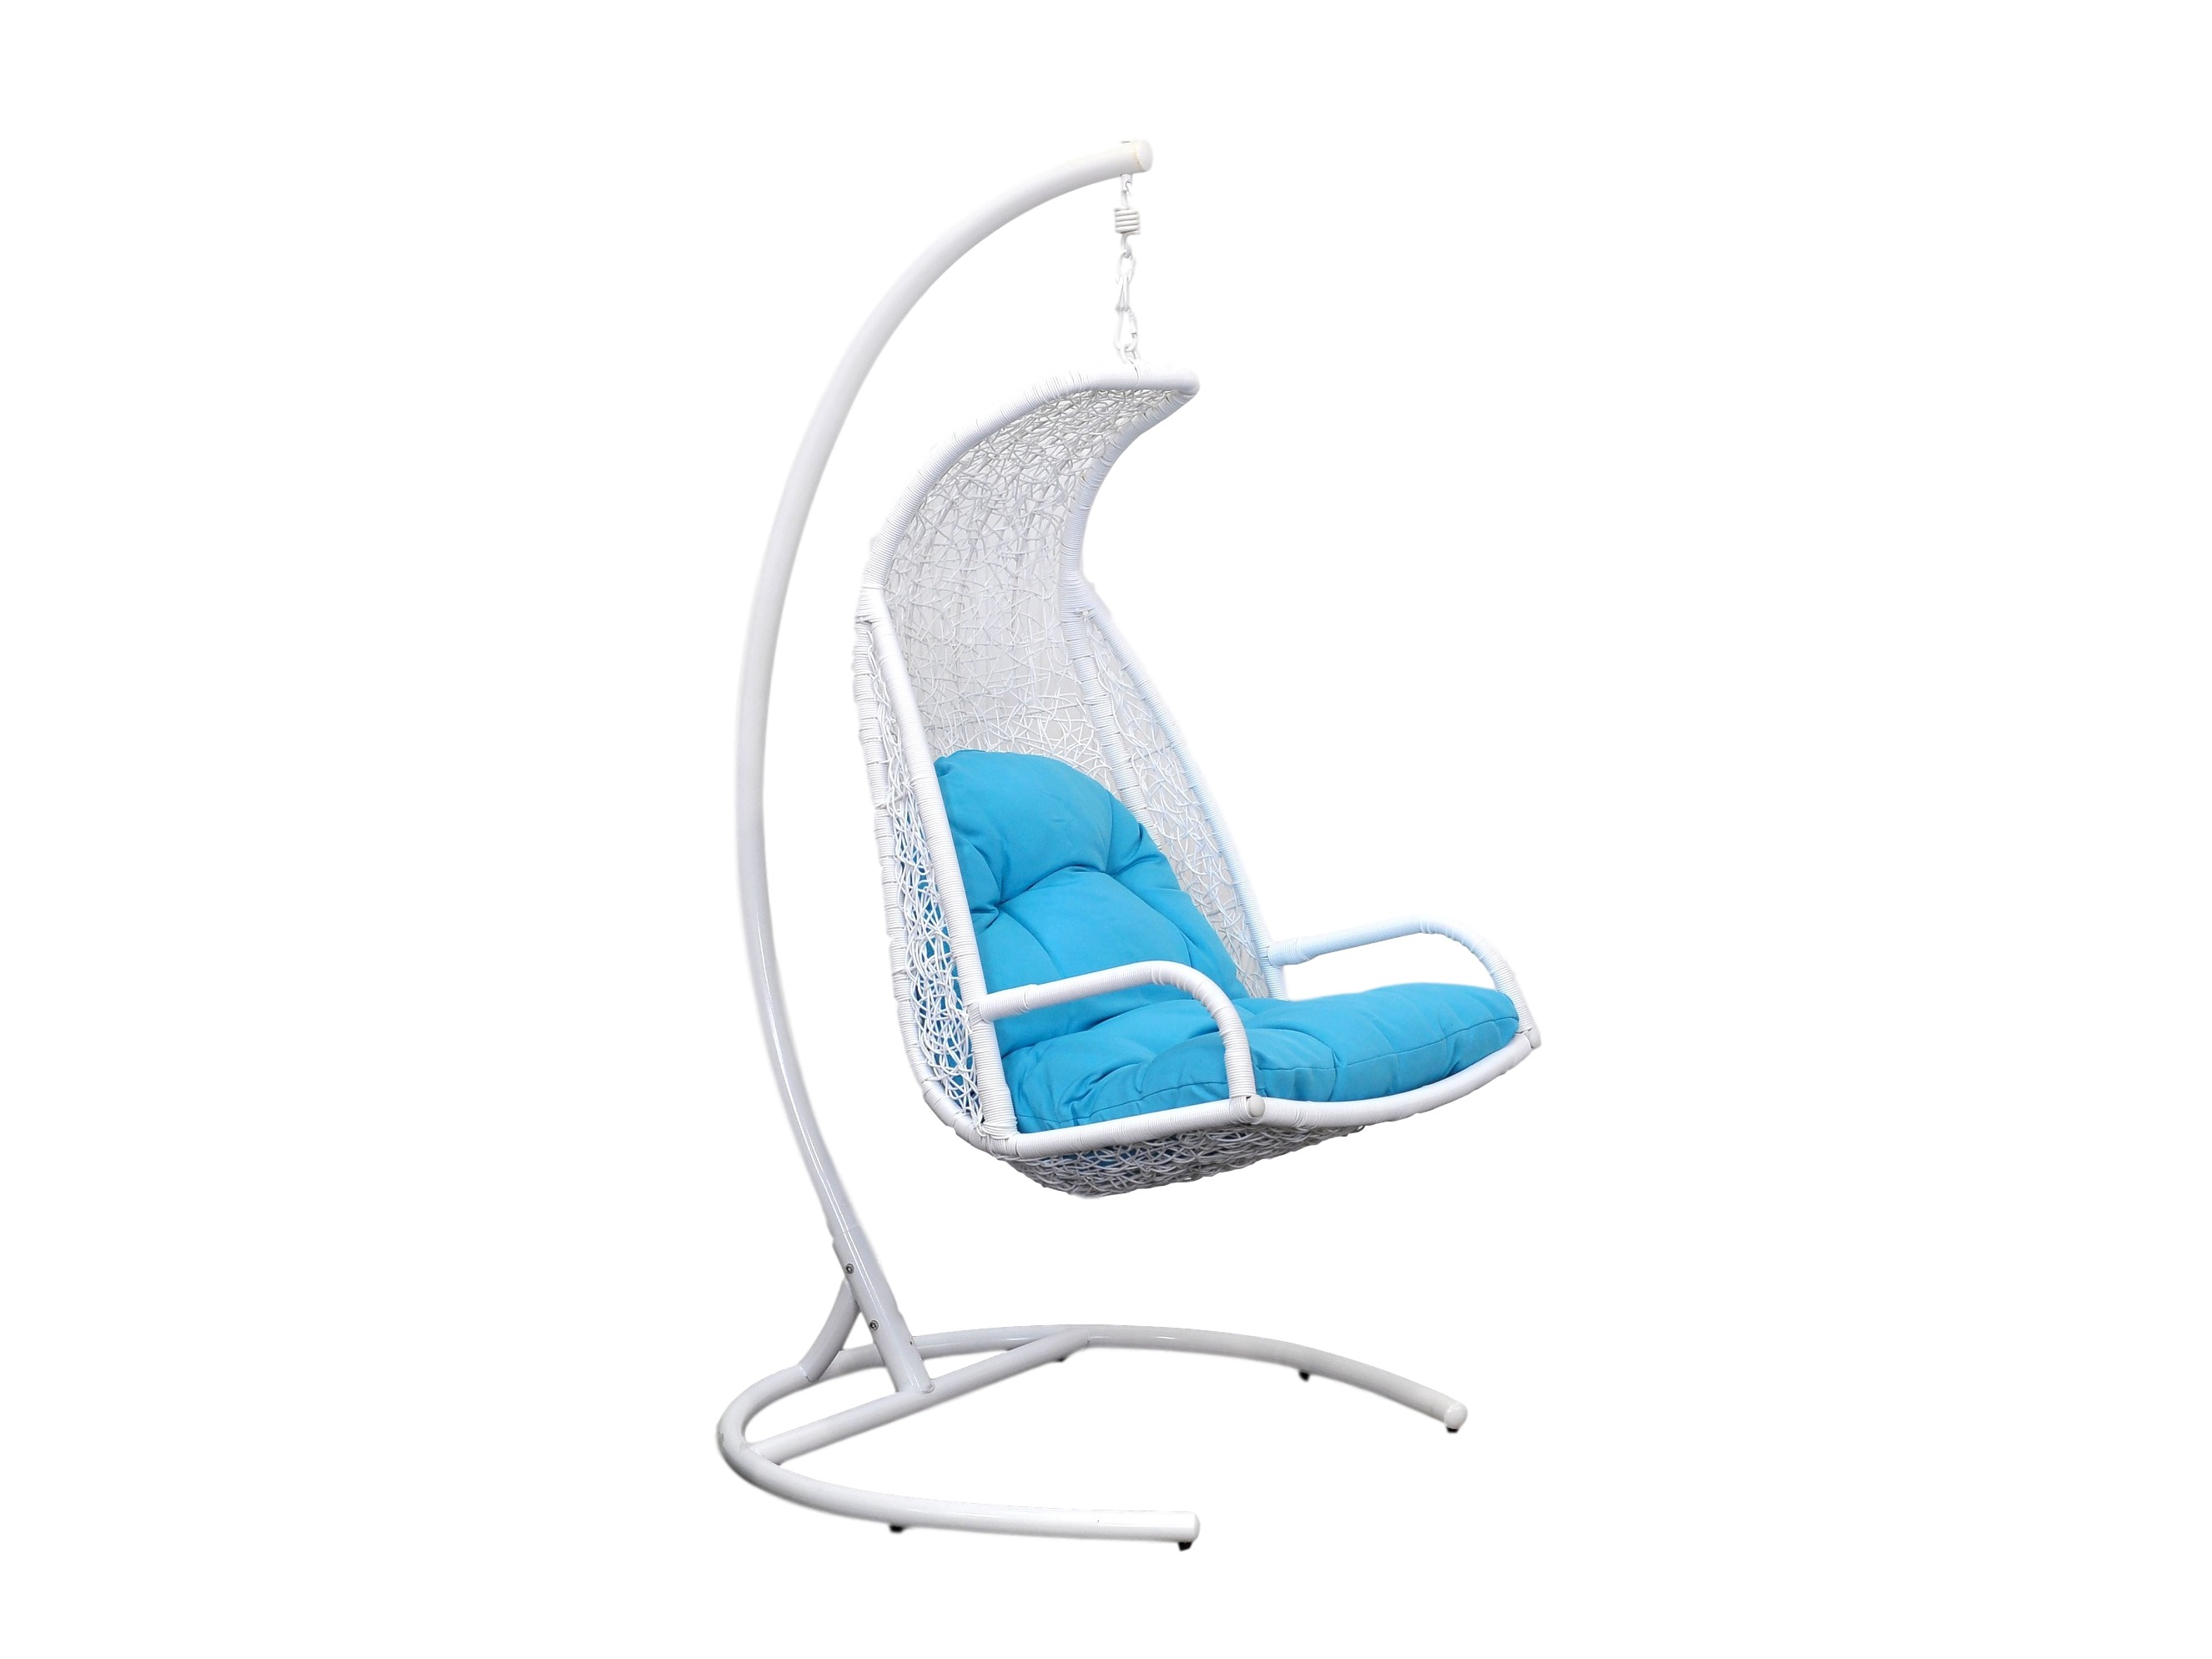 Кресло подвесное LagunaПодвесные кресла<br>Подвесное кресло Laguna выполнено из искусственного ротанга высокого качества. Искусственный ротанг круглой формы, что делает его очень похожим на натуральный ротанговый прут. Каркас опоры и самого кресла покрыт прочной, устойчивой к внешним воздействиям, порошковой краской. А мягкие подушки выполнены из водоотталкивающего материала. Основа кресла выполнена из стали, благодаря чему подвесное кресло может выдерживать вес до 120 кг. Когда Вы сидите  в кресле, общая нагрузка приходится не на ажурное плетение, а именно на металлический каркас.&amp;lt;div&amp;gt;&amp;lt;br&amp;gt;&amp;lt;/div&amp;gt;&amp;lt;div&amp;gt;Материал каркаса: сталь.&amp;lt;/div&amp;gt;&amp;lt;div&amp;gt;Материал плетения: PE-ротанг (искусственный ротанг) высокого качества (круглый).&amp;lt;/div&amp;gt;&amp;lt;div&amp;gt;Выдерживаемая нагрузка: 120 кг.&amp;amp;nbsp;&amp;lt;/div&amp;gt;&amp;lt;div&amp;gt;Вес: 29 кг.&amp;amp;nbsp;&amp;lt;/div&amp;gt;&amp;lt;div&amp;gt;Конструкция кресла: сборно-разборное. Кресло состоит из трех частей: основание, опора и чаша. Сборка не требует специальных навыков.&amp;lt;/div&amp;gt;<br><br>Material: Ротанг<br>Width см: 70<br>Depth см: 85<br>Height см: 120